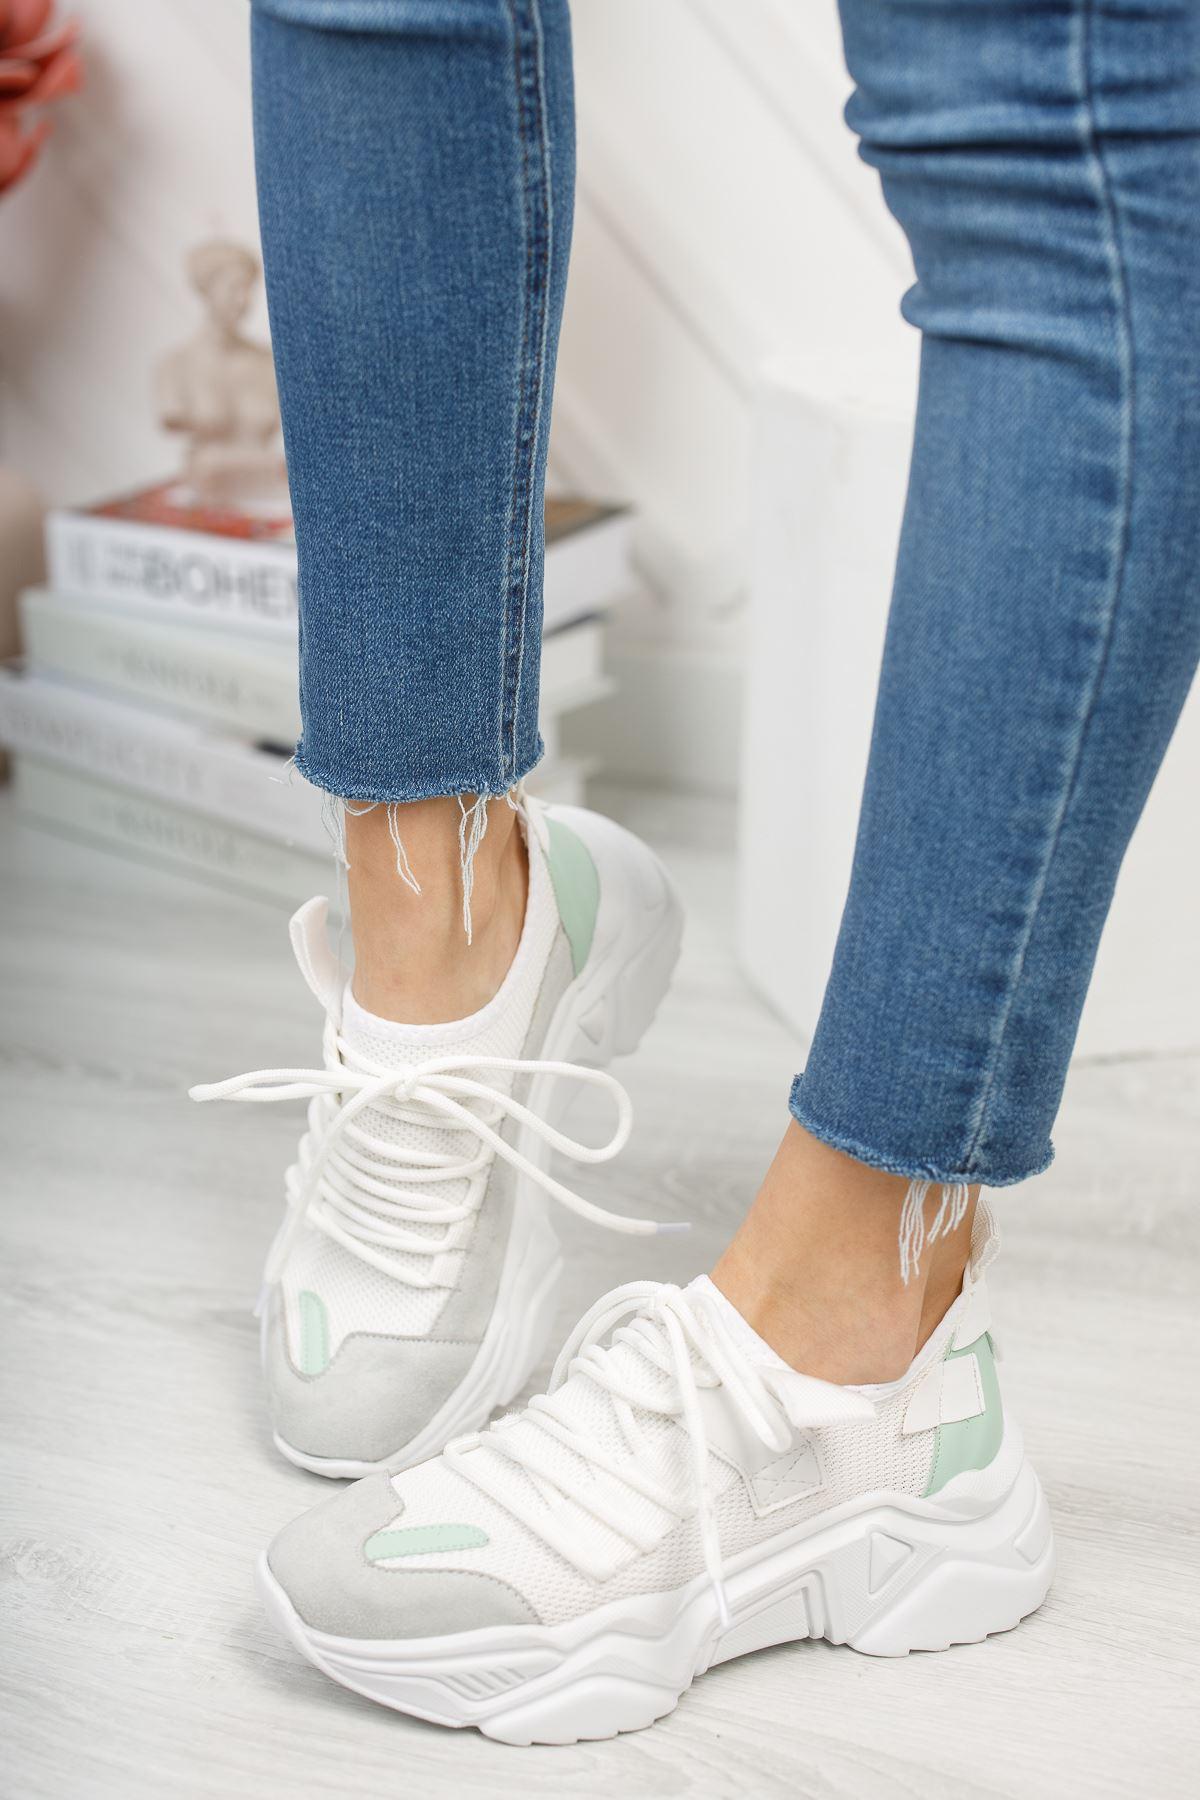 Kadın Kuli Triko Malzeme Bağcık Detaylı Kalın Taban Beyaz Spor Ayakkabı